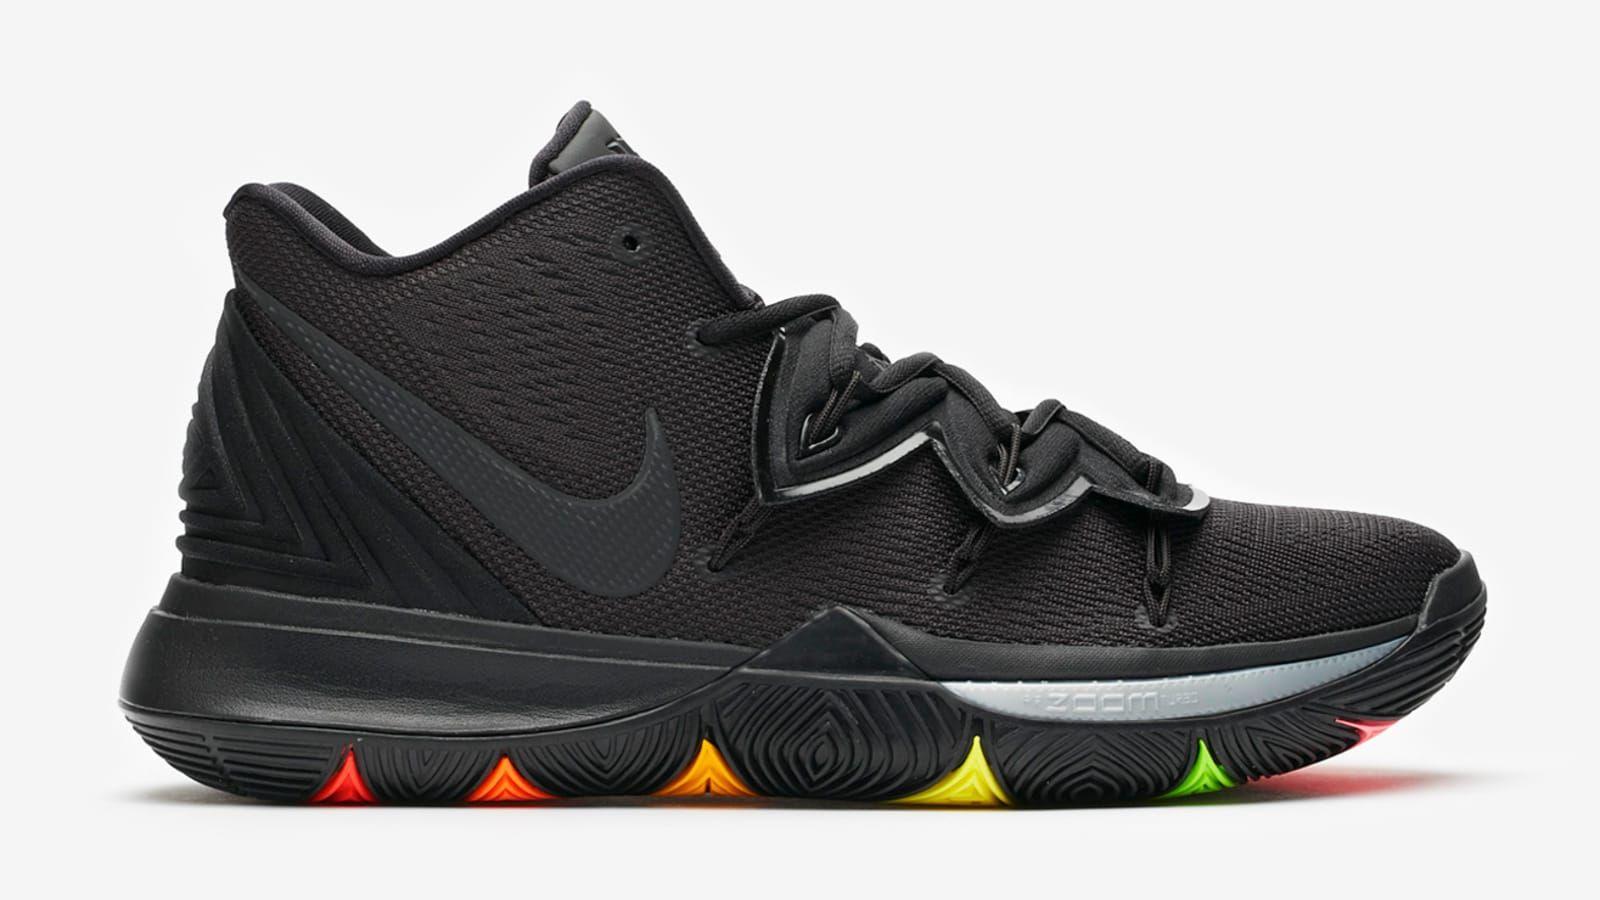 """Nike Kyrie 5 """"Black Rainbow"""" Drops Next Week Detailed"""